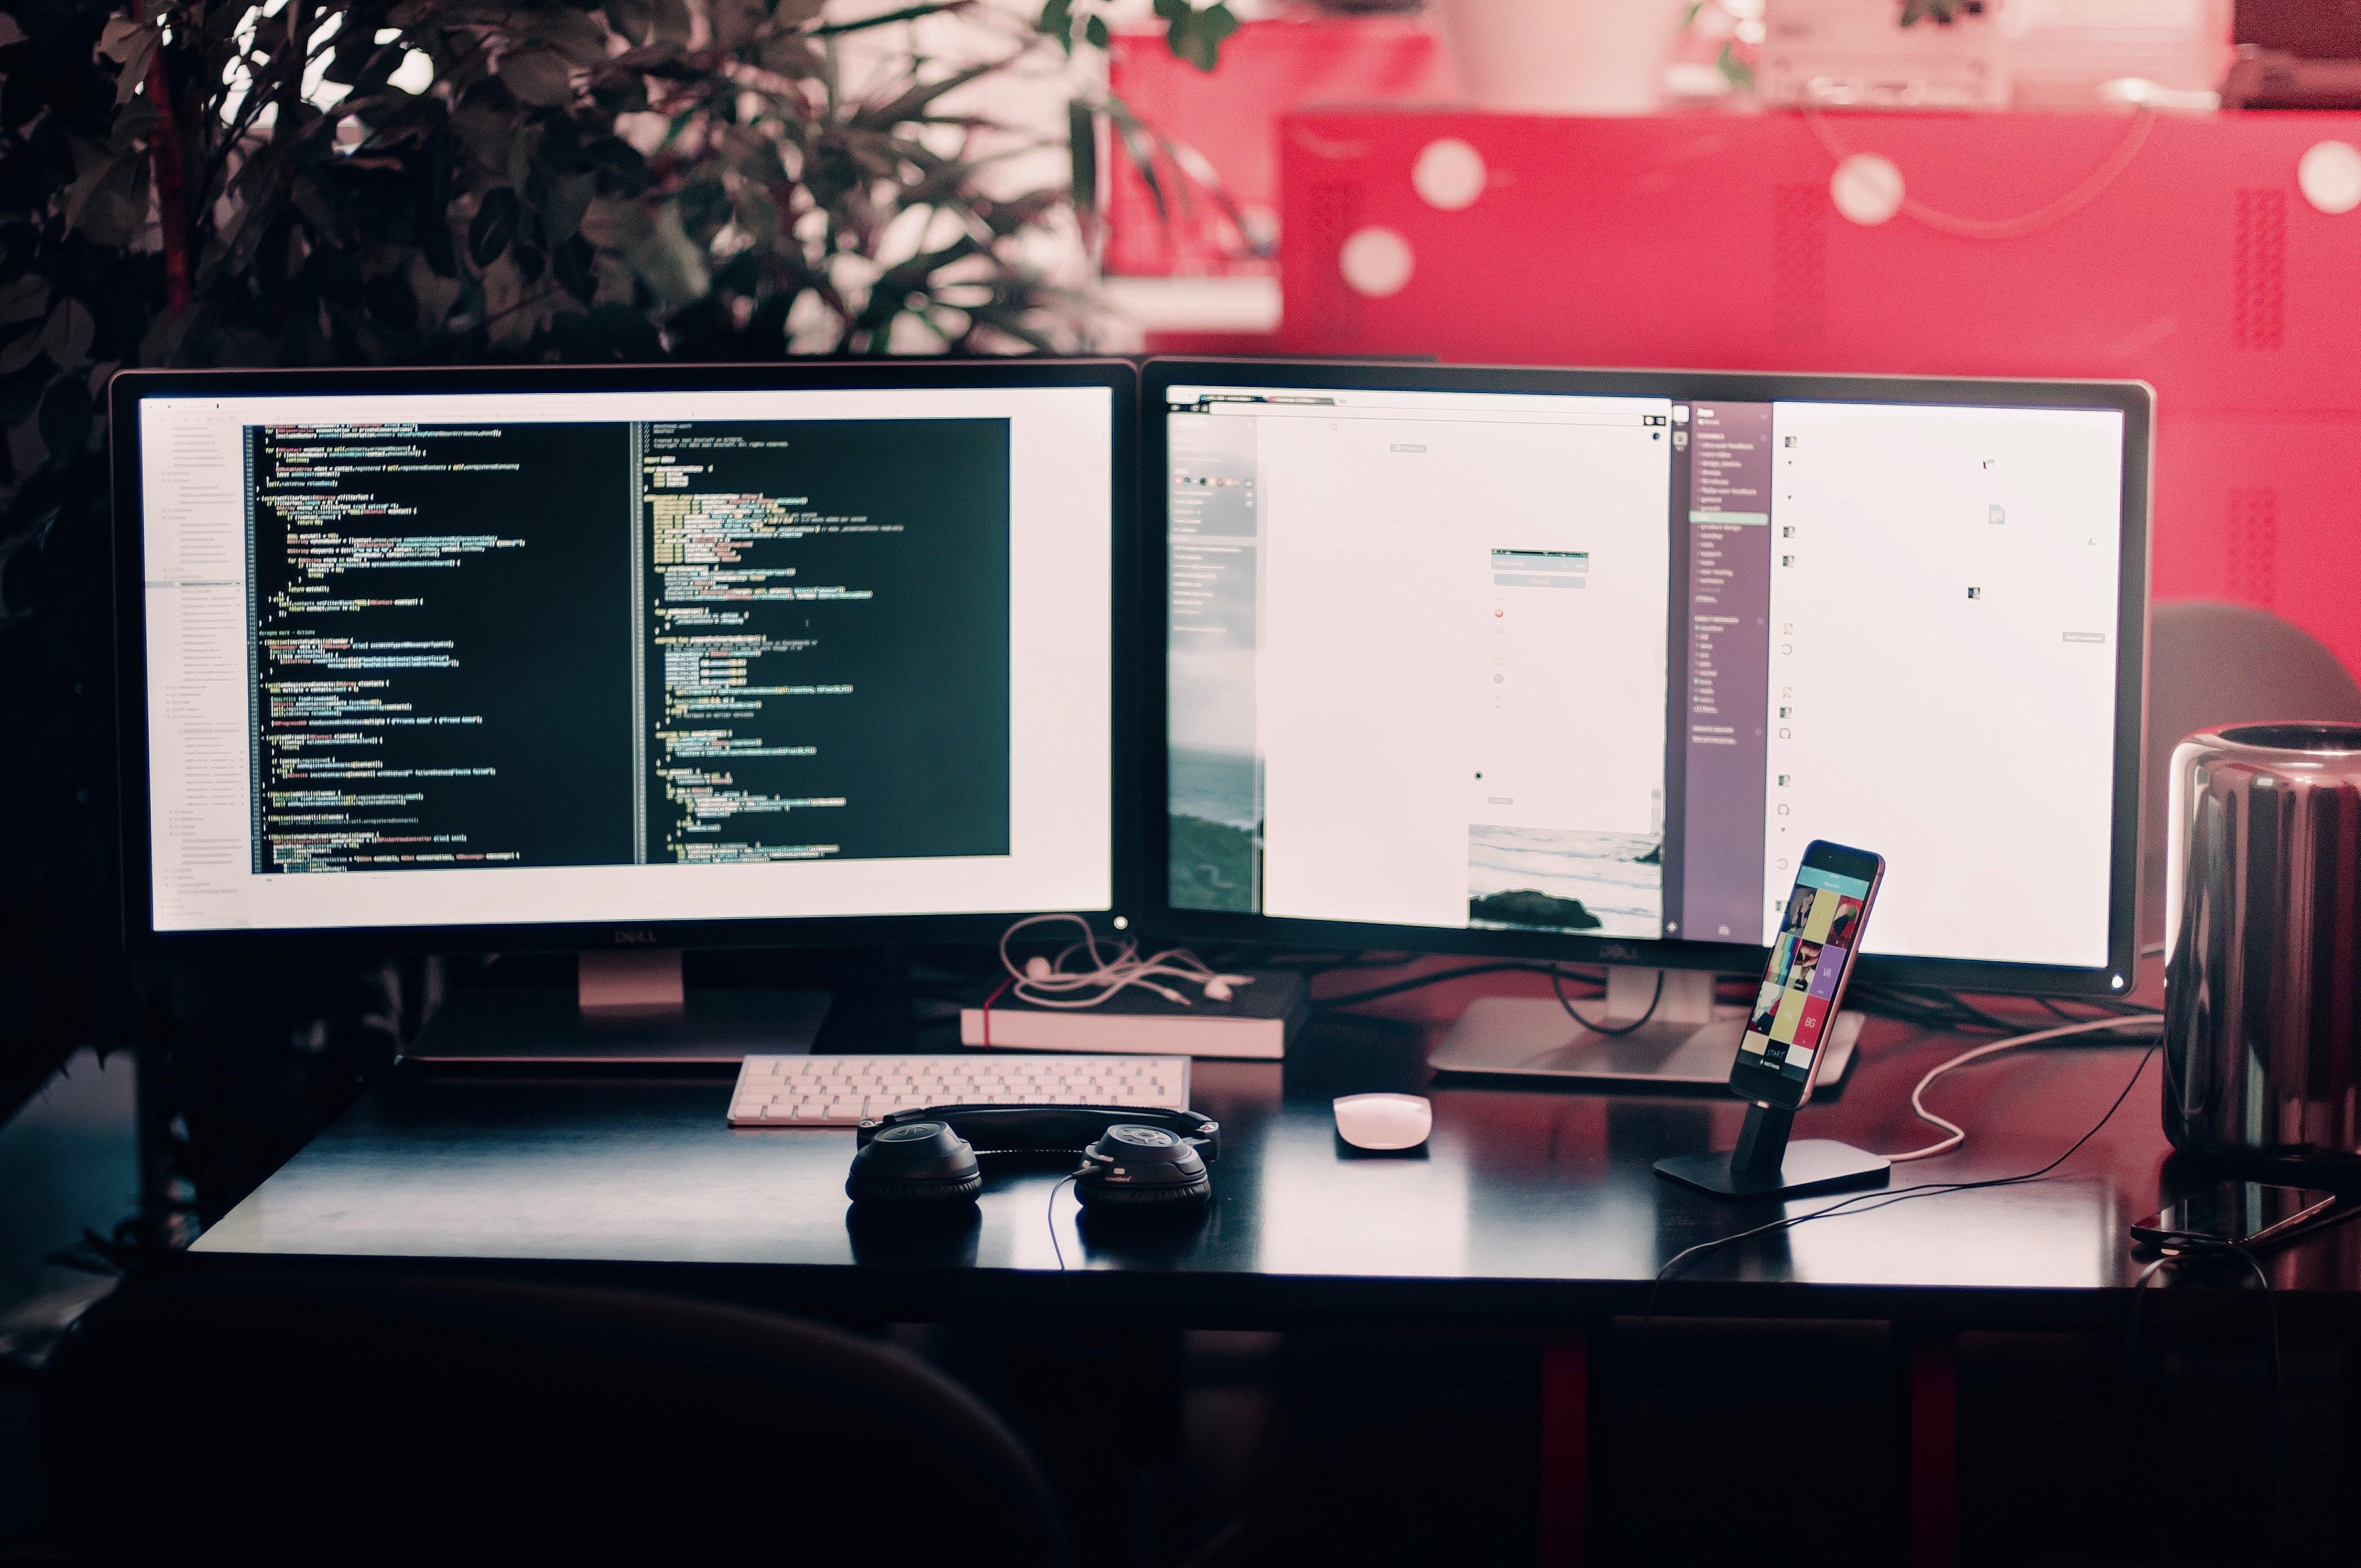 Webentwicklung 2019: Die wichtigsten Trends des Jahres